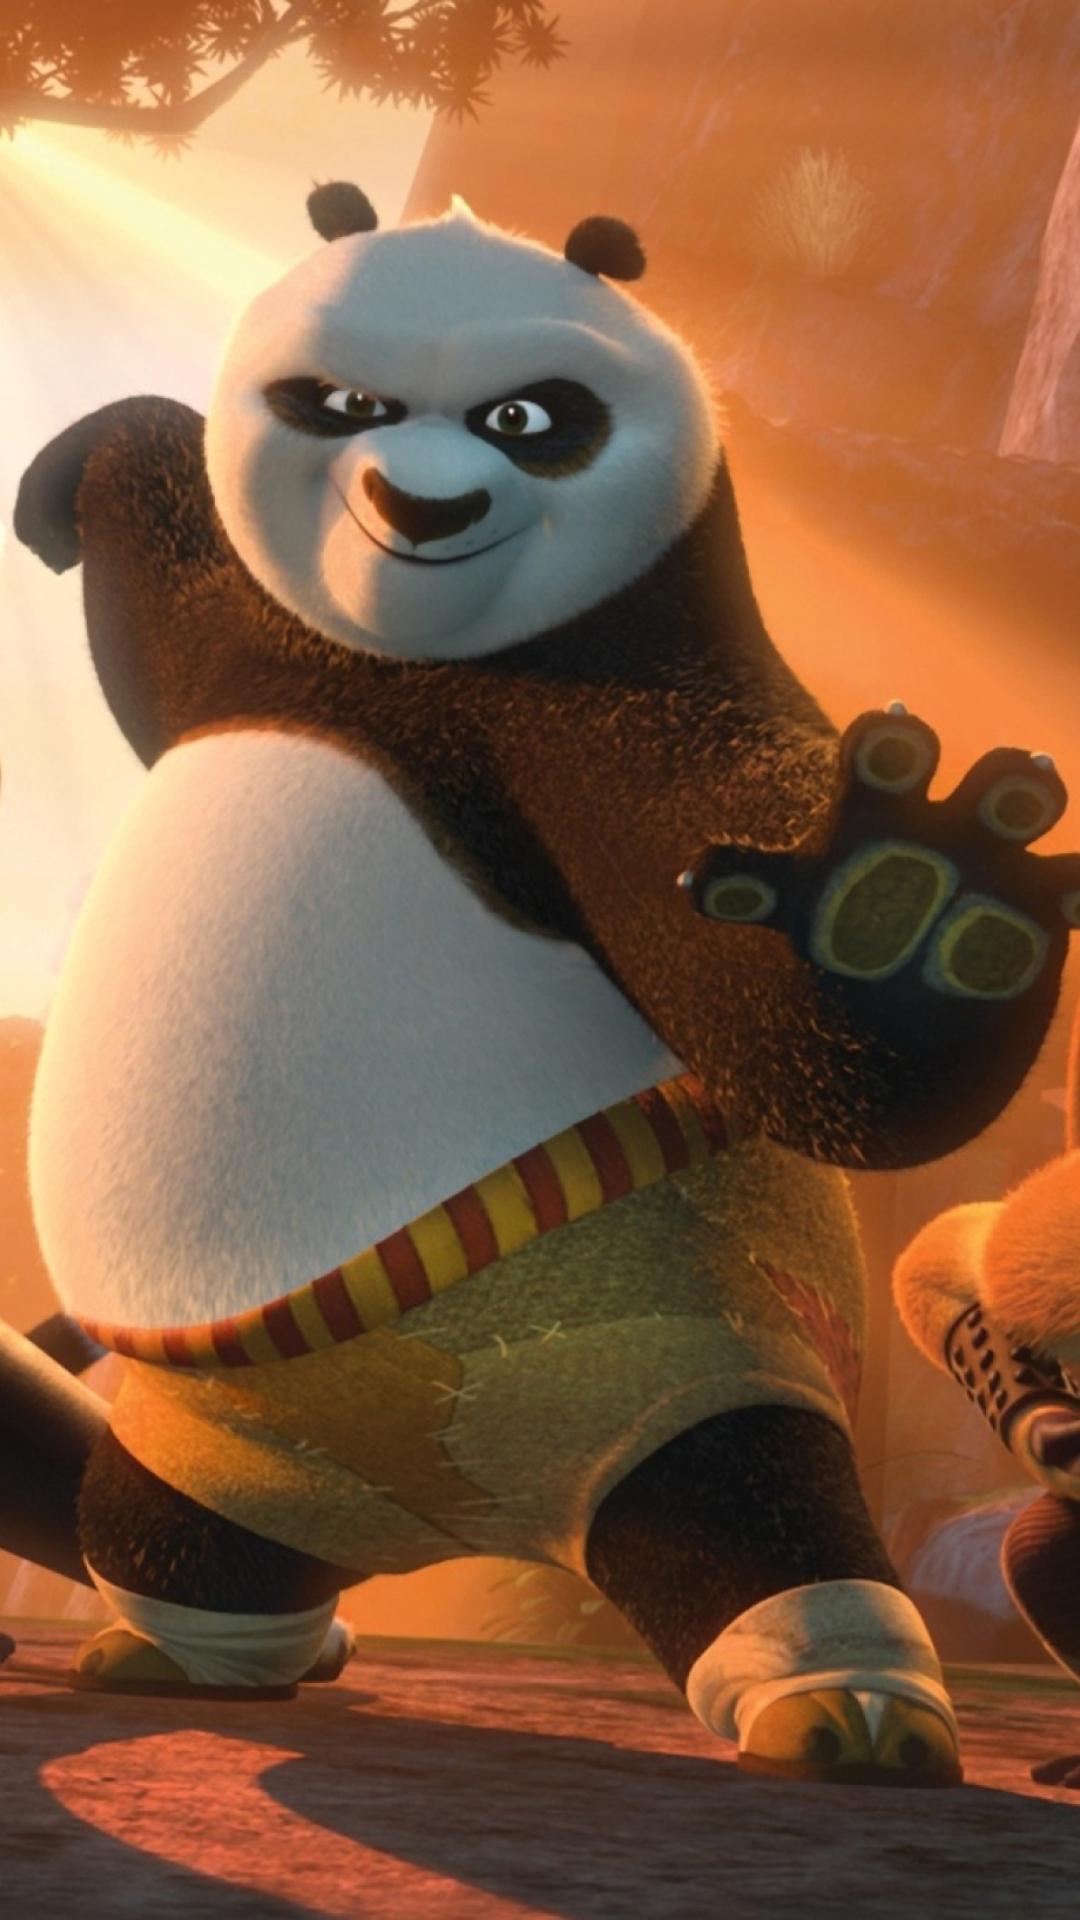 данном все картинки кунг-фу панда попасть